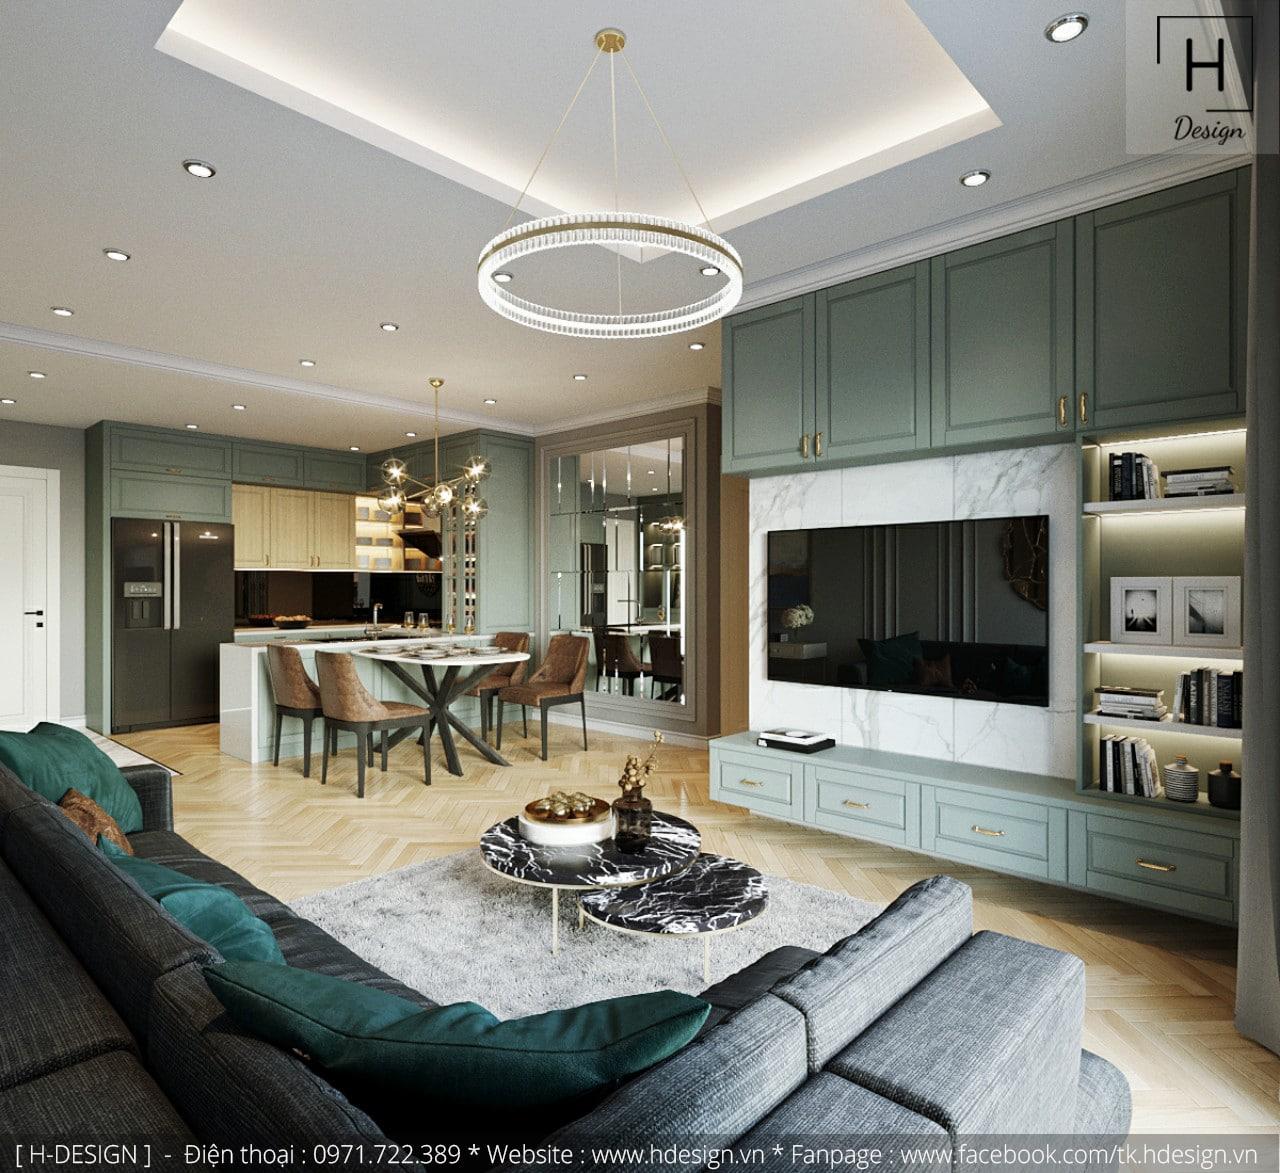 Thiết kế thi công nội thất chung cư Kosmo tại Hà Nội 2